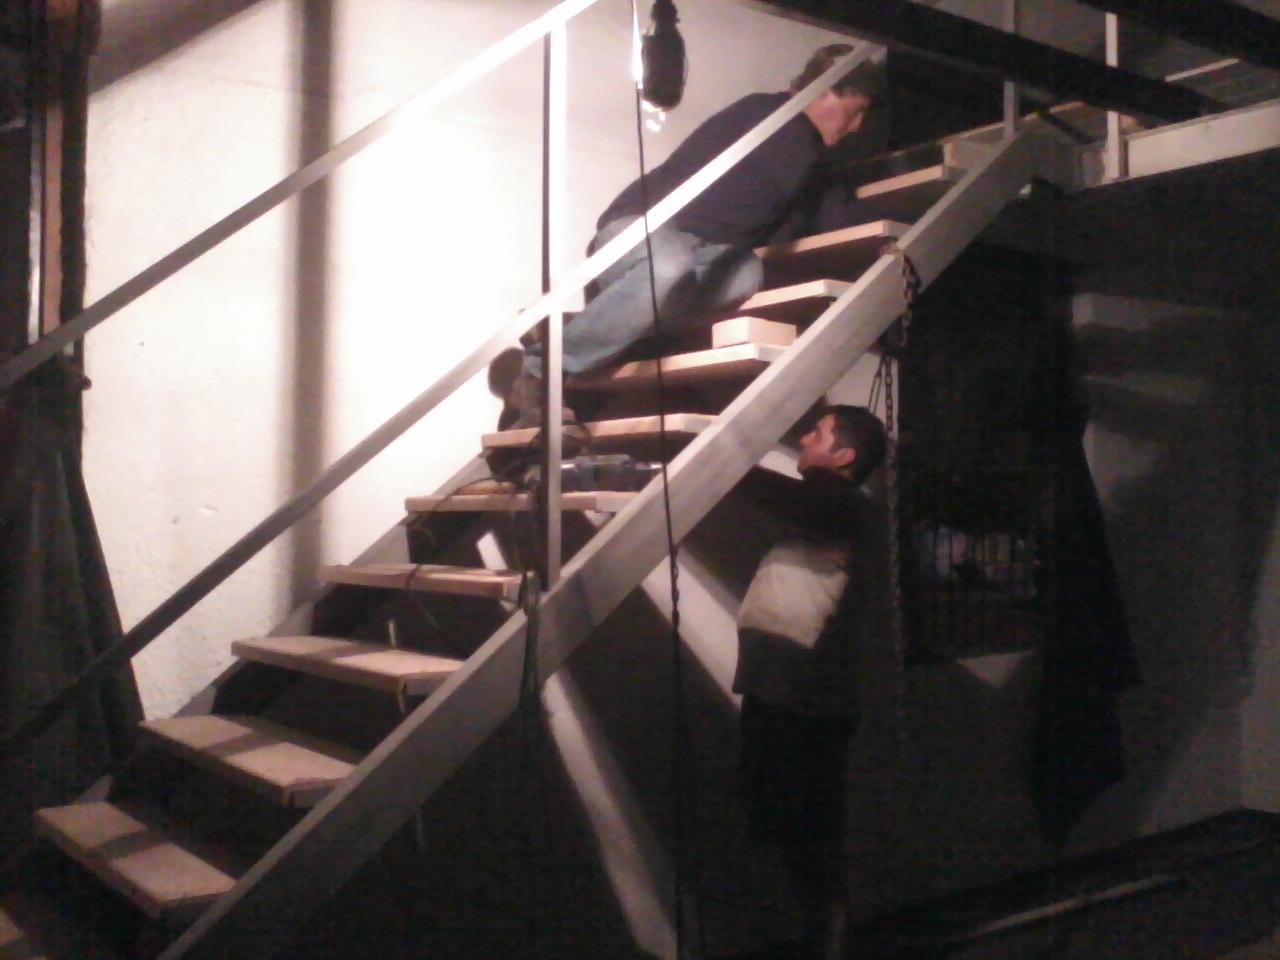 Servicios el angel contruccion de escaleras metalicas for Construccion de escaleras metalicas